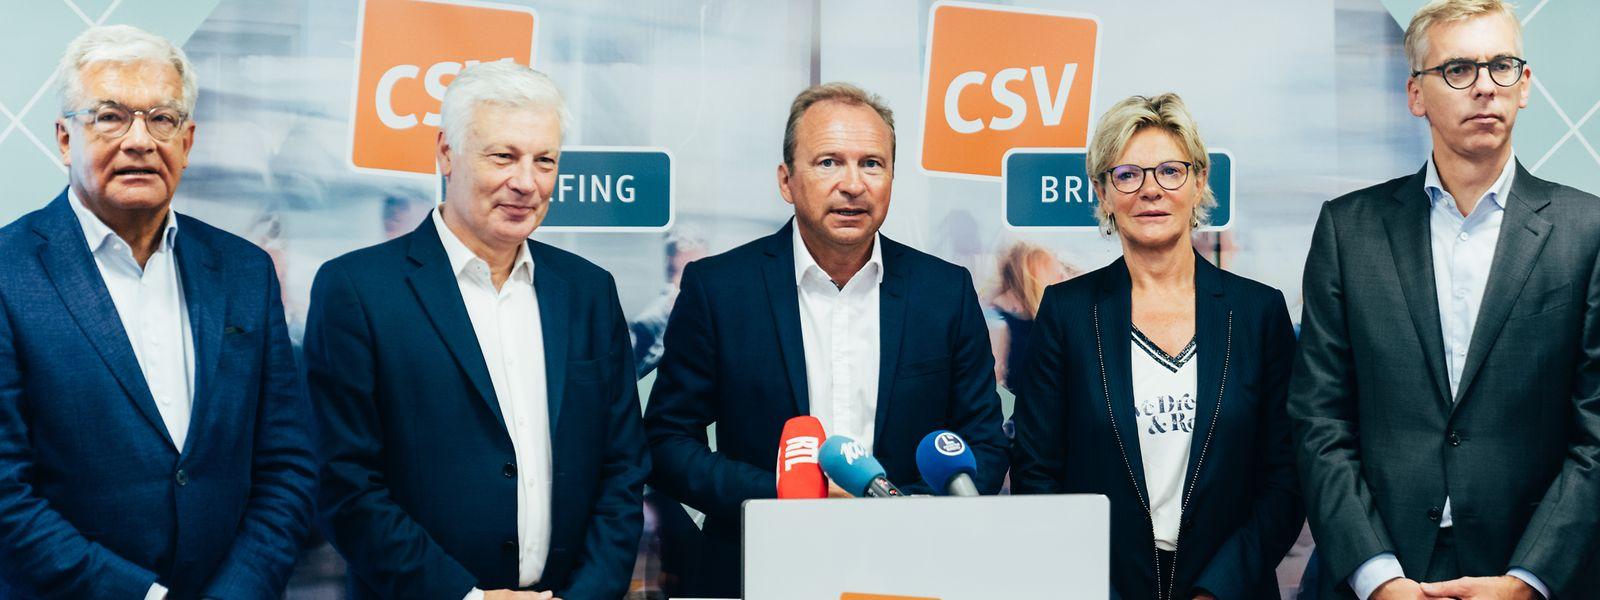 Die CSV fordert die Regierung auf, bis Ende des Jahres konkrete Maßnahmen auf den Weg zu bringen, um die Sicherheitslage im Land zu verbessern.